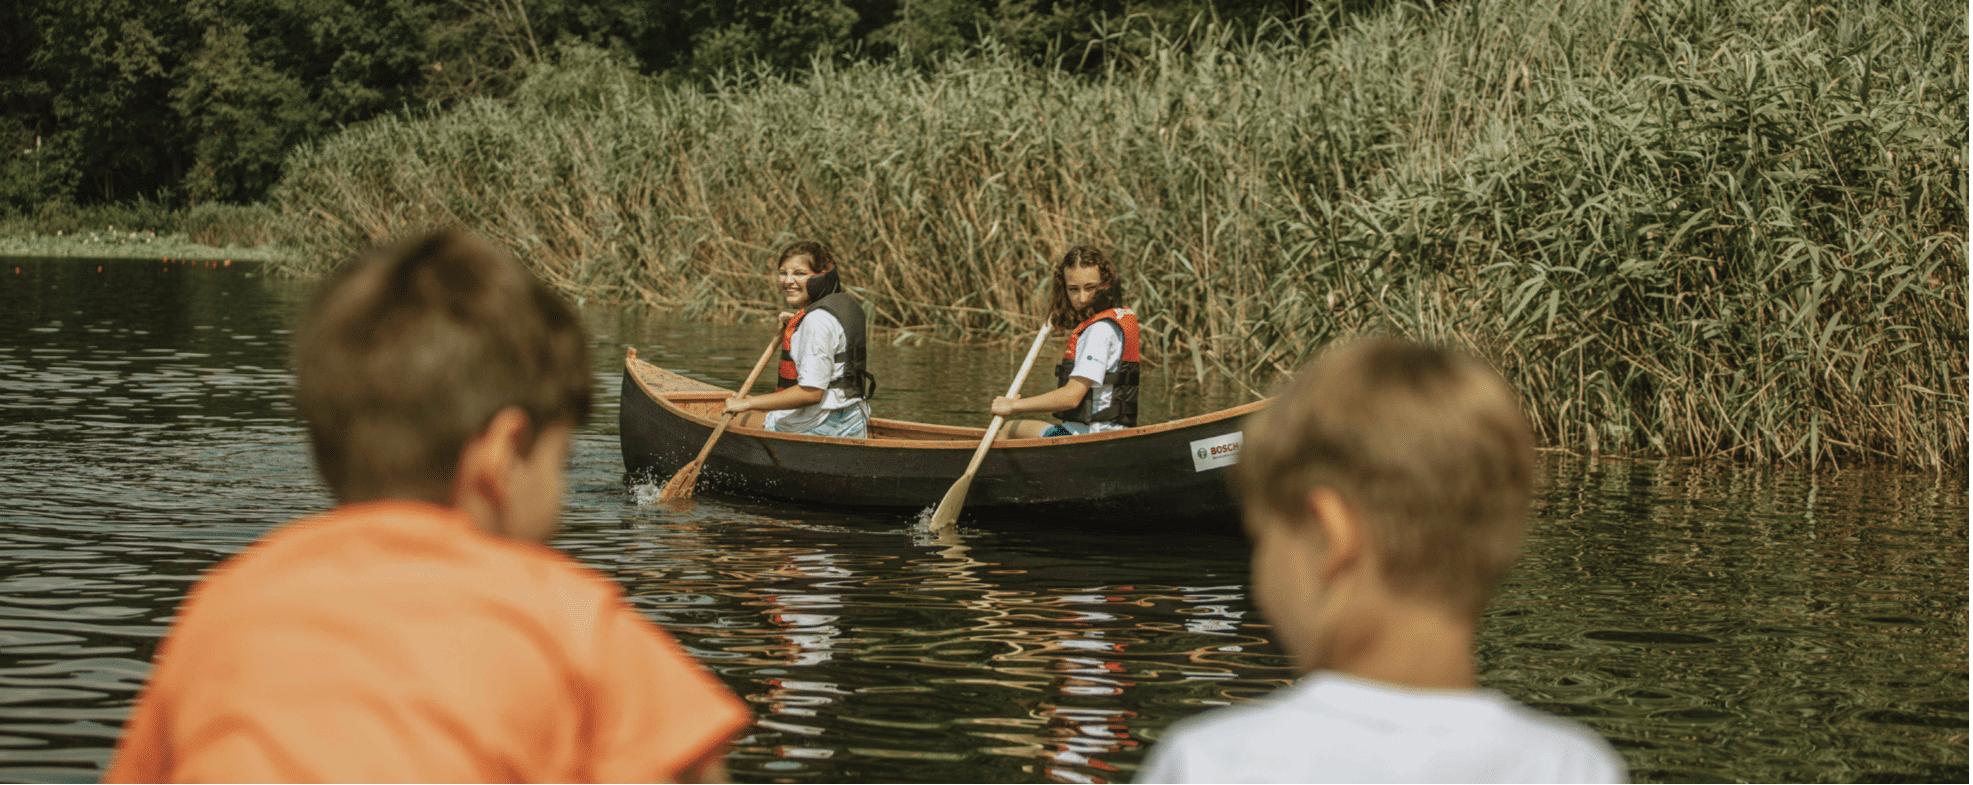 Canotcă realizată de copiii din Chilia Veche, lansată pe Dunăre